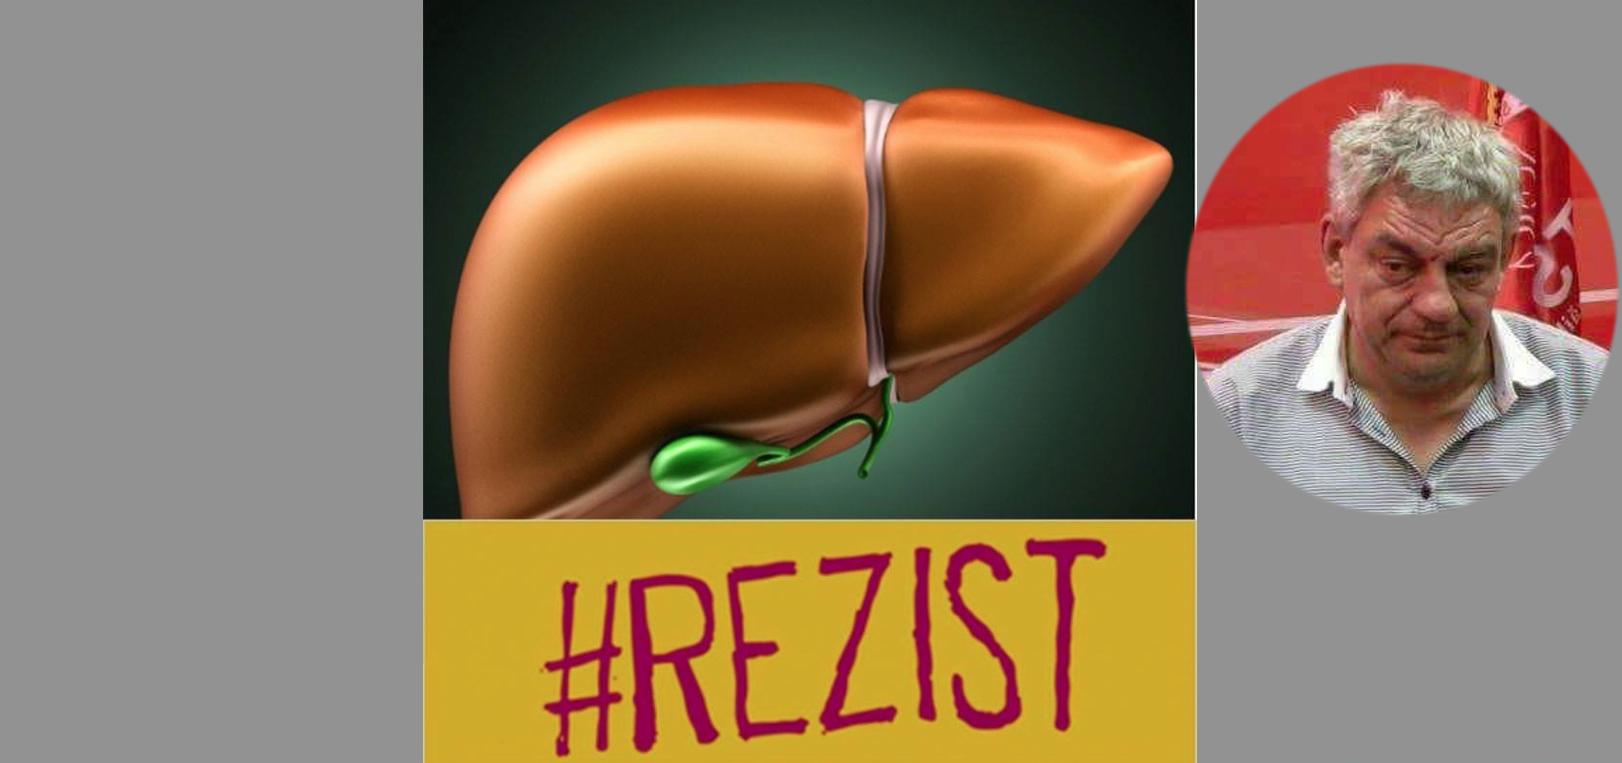 Ficatul lui Mihai Tudose și-a pus #REZIST la poza de profil!